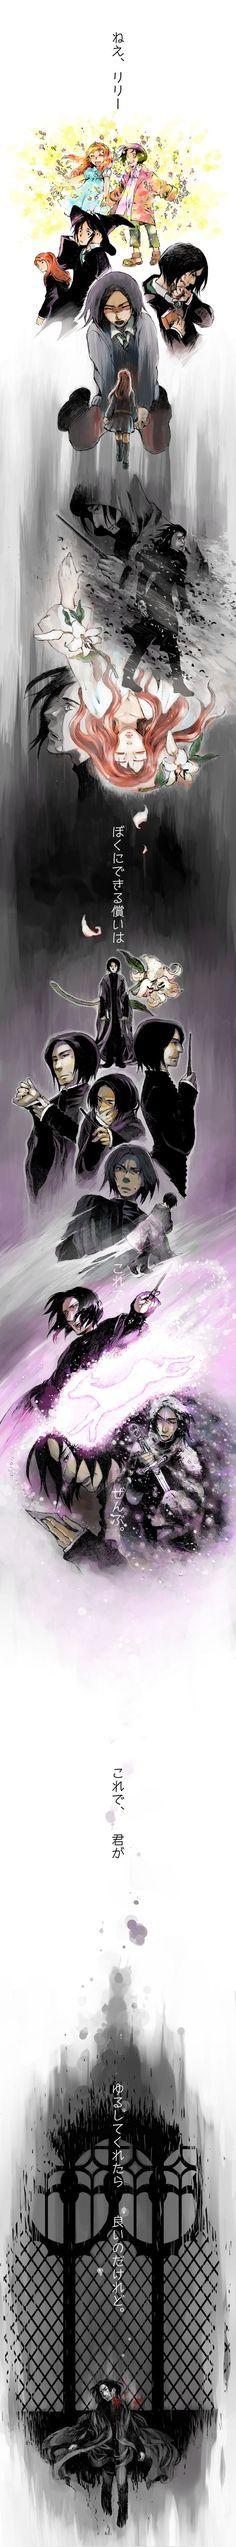 La triste vie de Severus Rogue en plus c'est l'un de mes personnages préféré dégoûté qu'il soit mort: